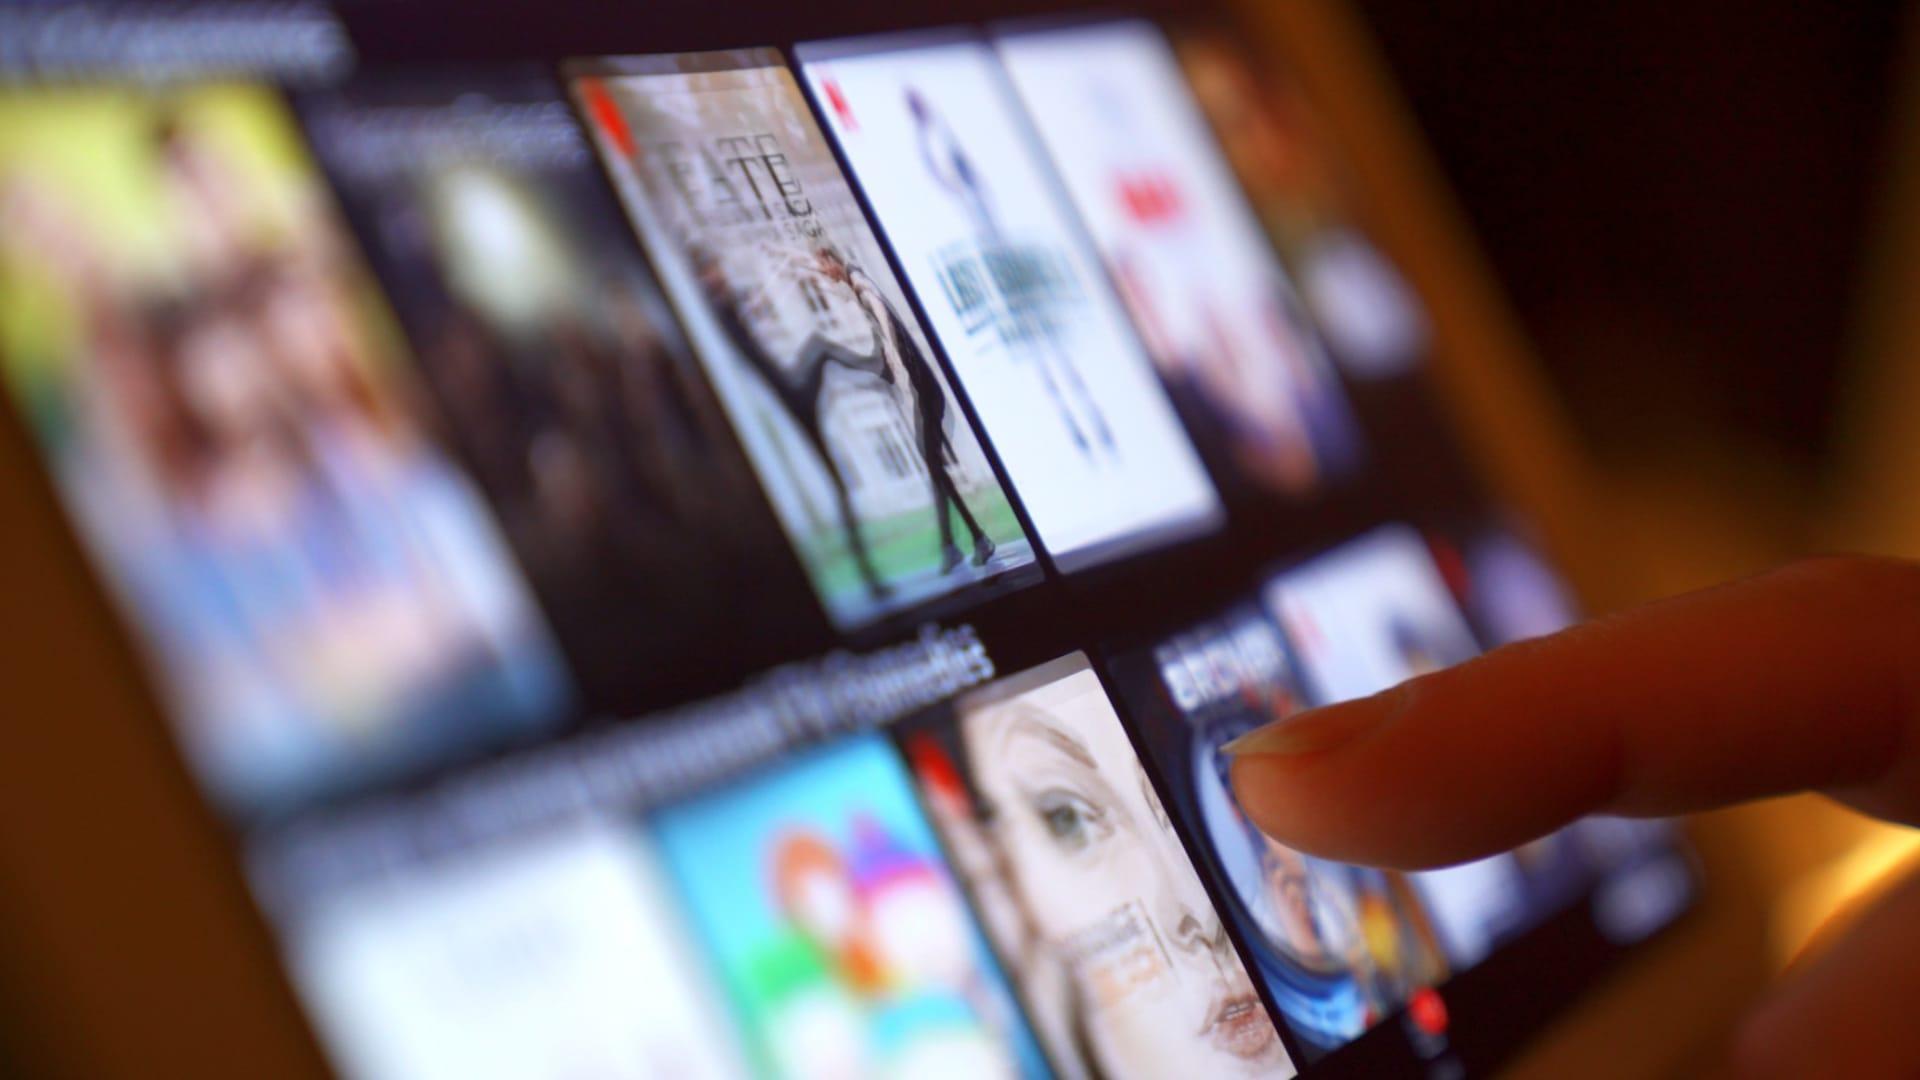 ما هو الغرض من الإنترنت.. وكيف تؤثر عاداتنا في بث الفيديو على الكوكب؟